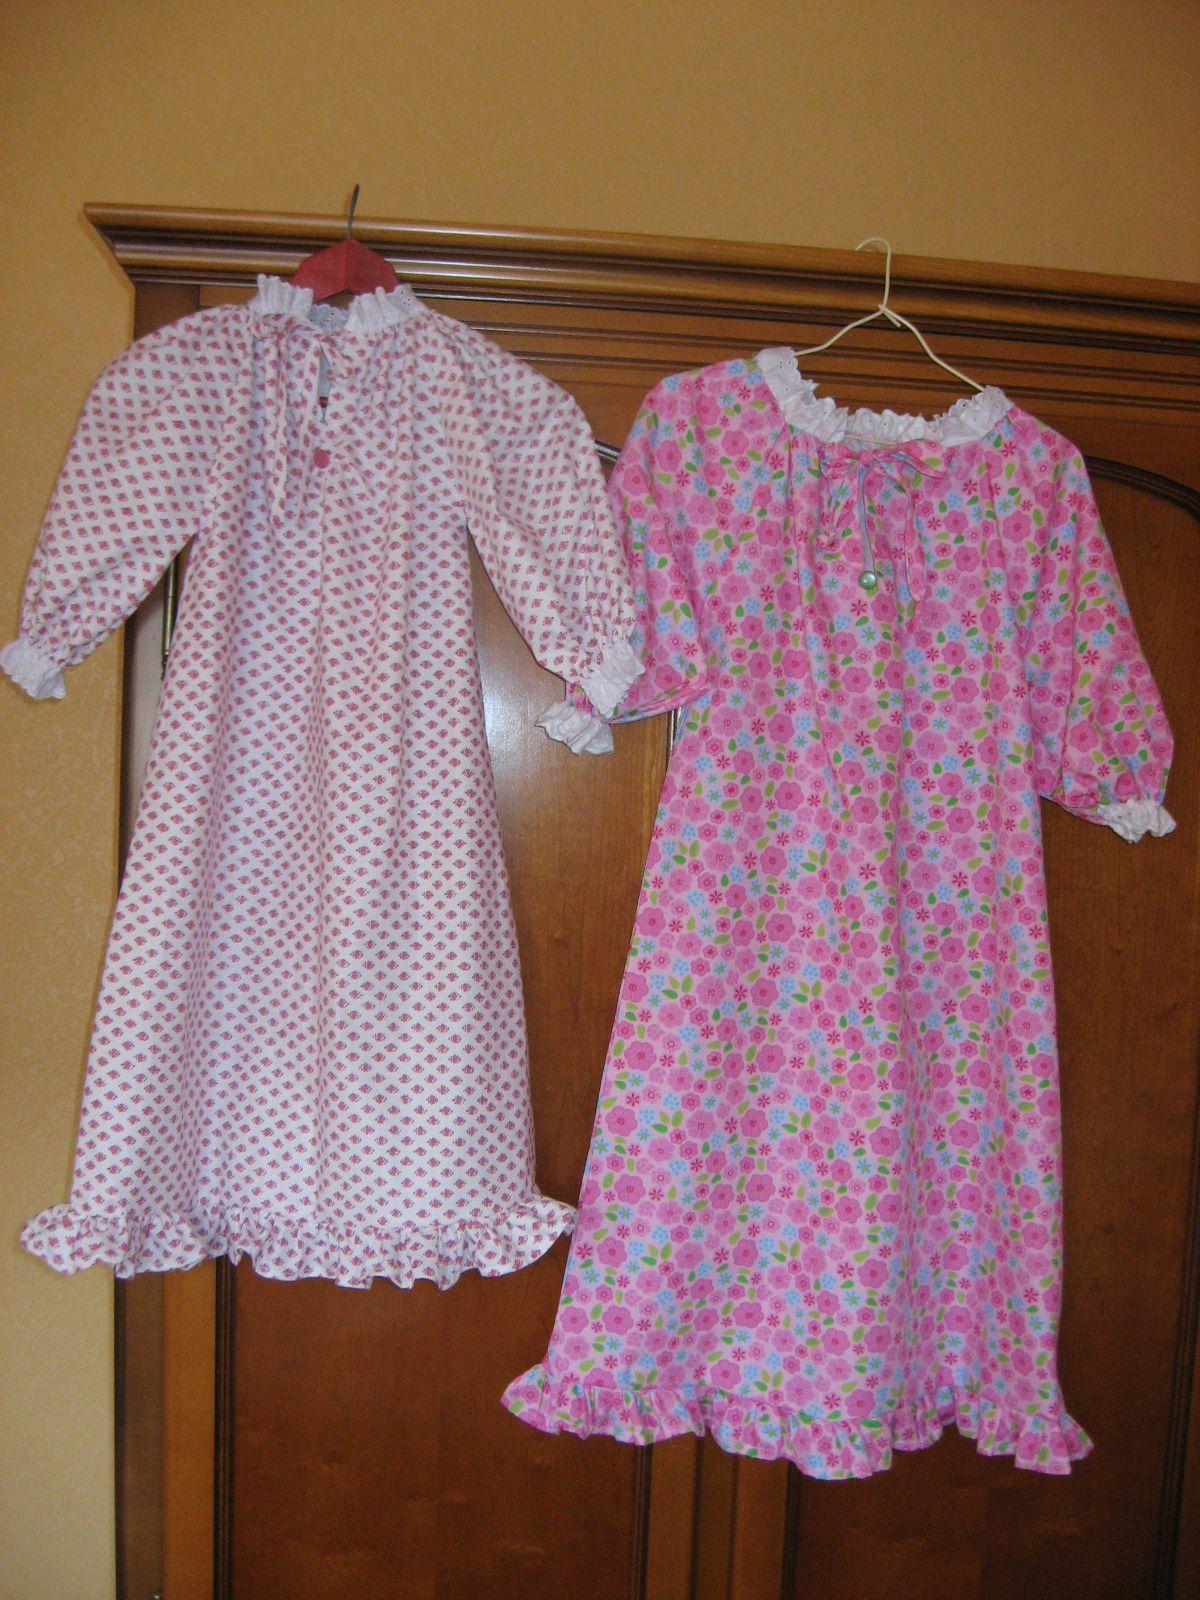 Une chemise de princesse pour fillettes tuto   Chemise de nuit, Chemise de nuit fillette et Chemise